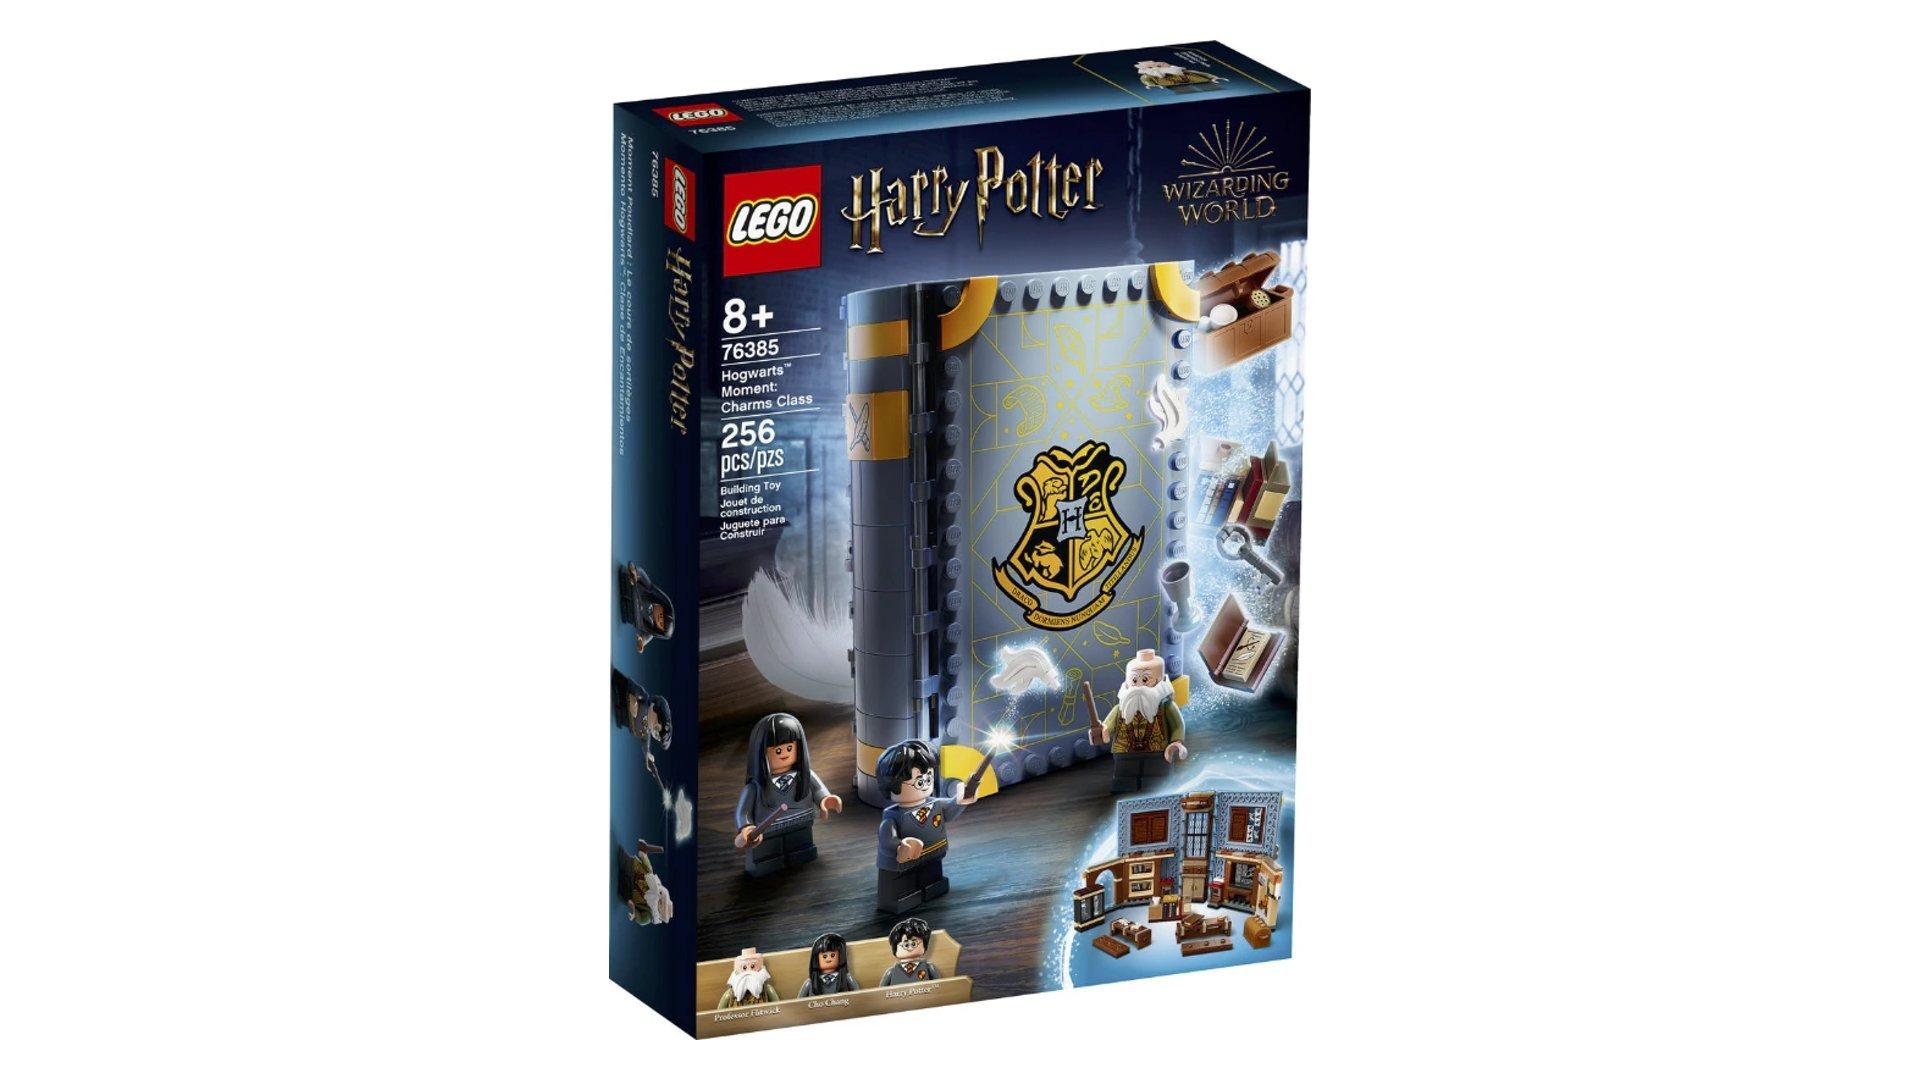 Le jeu LEGO Harry Potter Poudlard: le cours de sortilèges est en promotion sur Aliexpress.